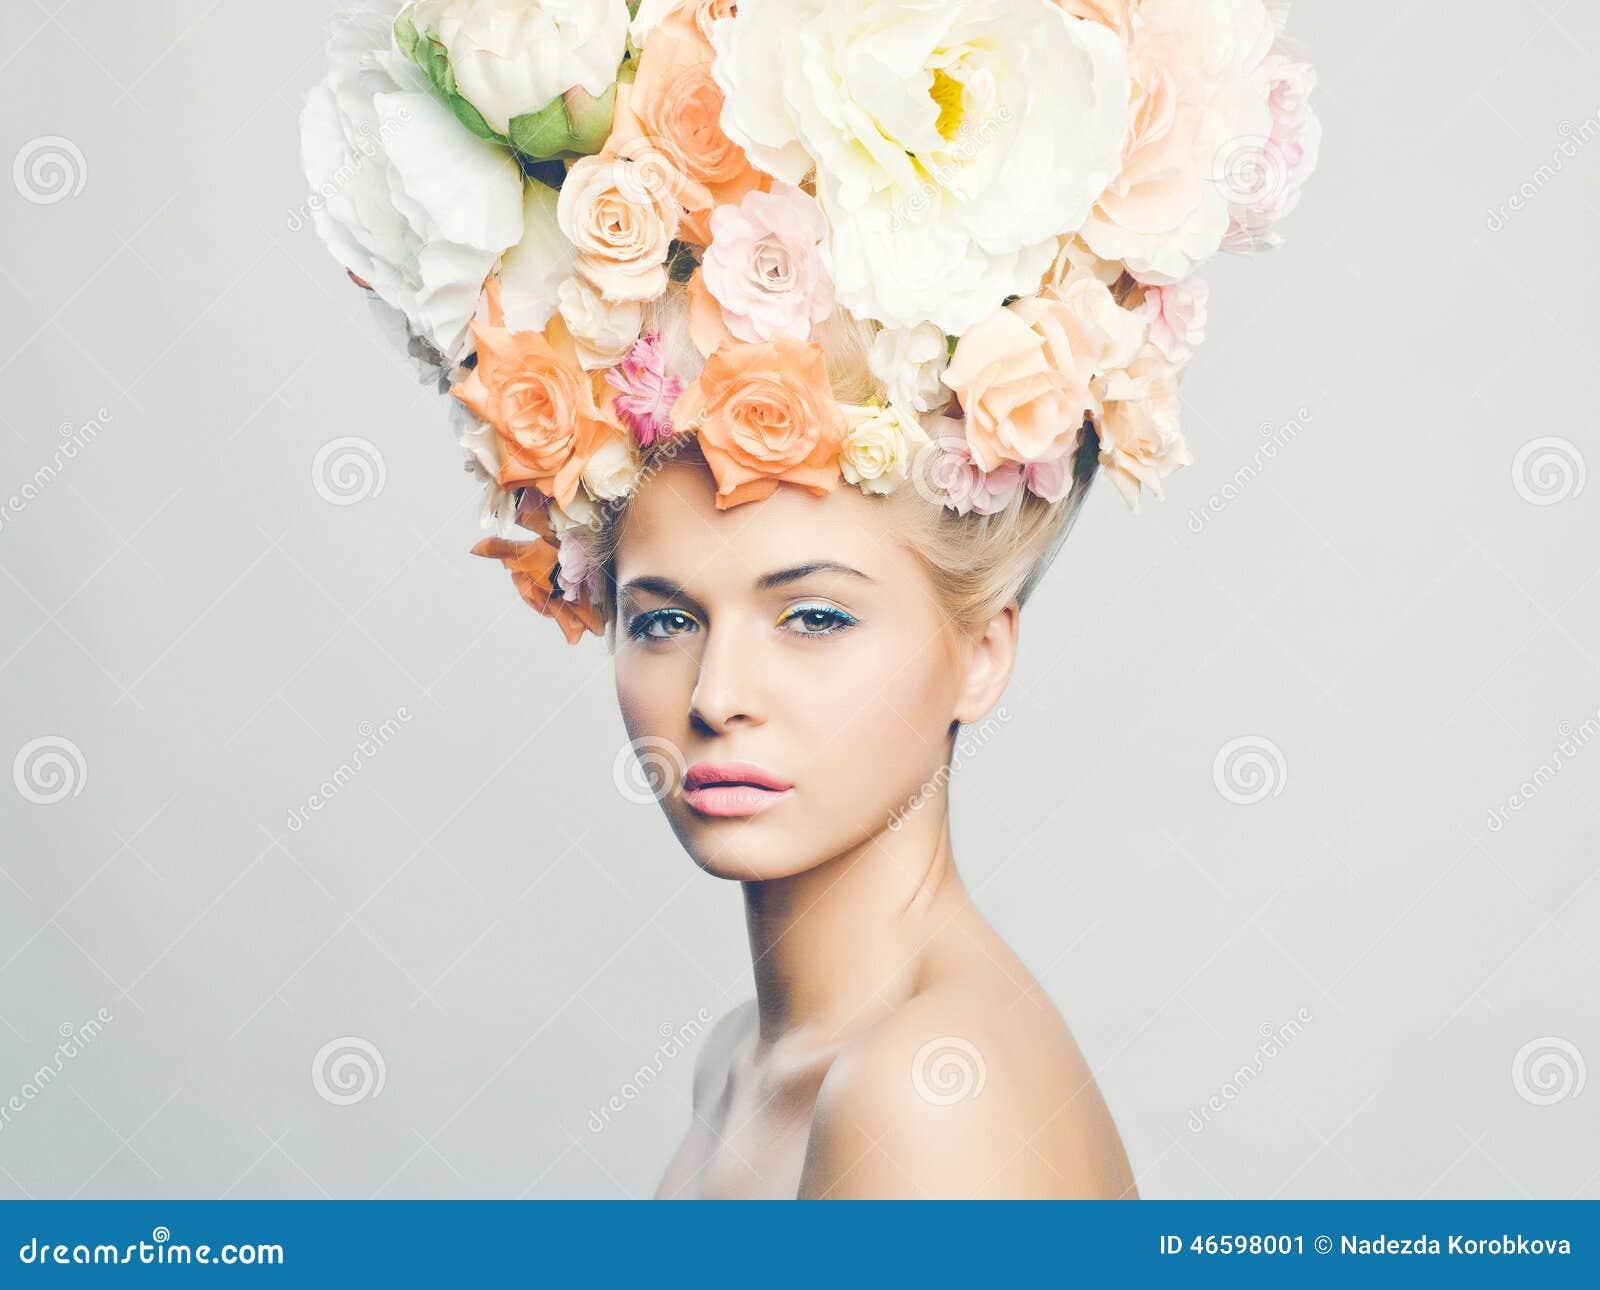 Schonheit Mit Frisur Von Blumen Stockbild Bild Von Gesundheit